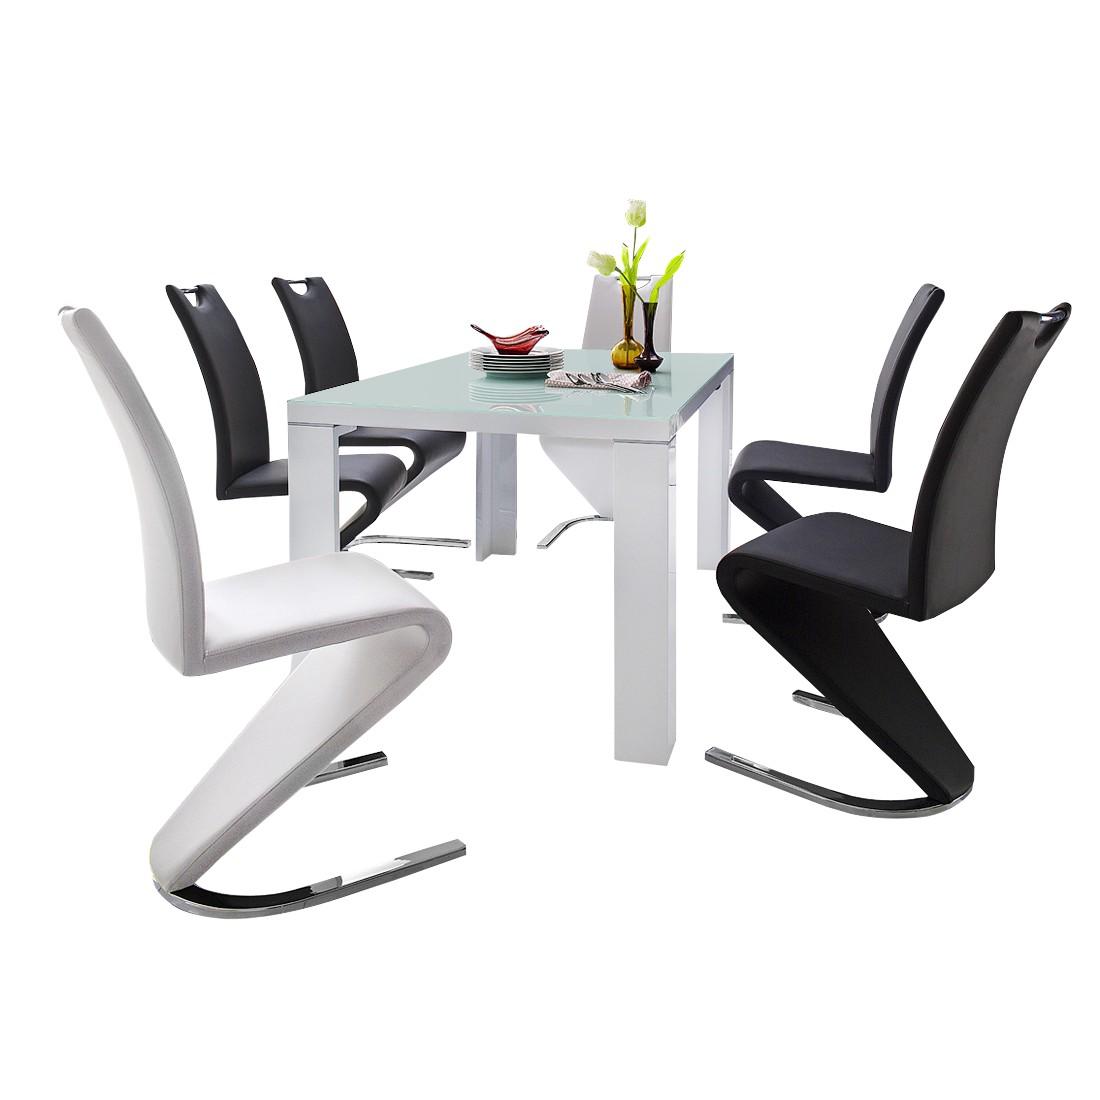 Home 24 - Ensemble de salle à manger tizio (7 éléments) - verre / blanc brillant - cuir synthétique / noir - blanc, fredriks